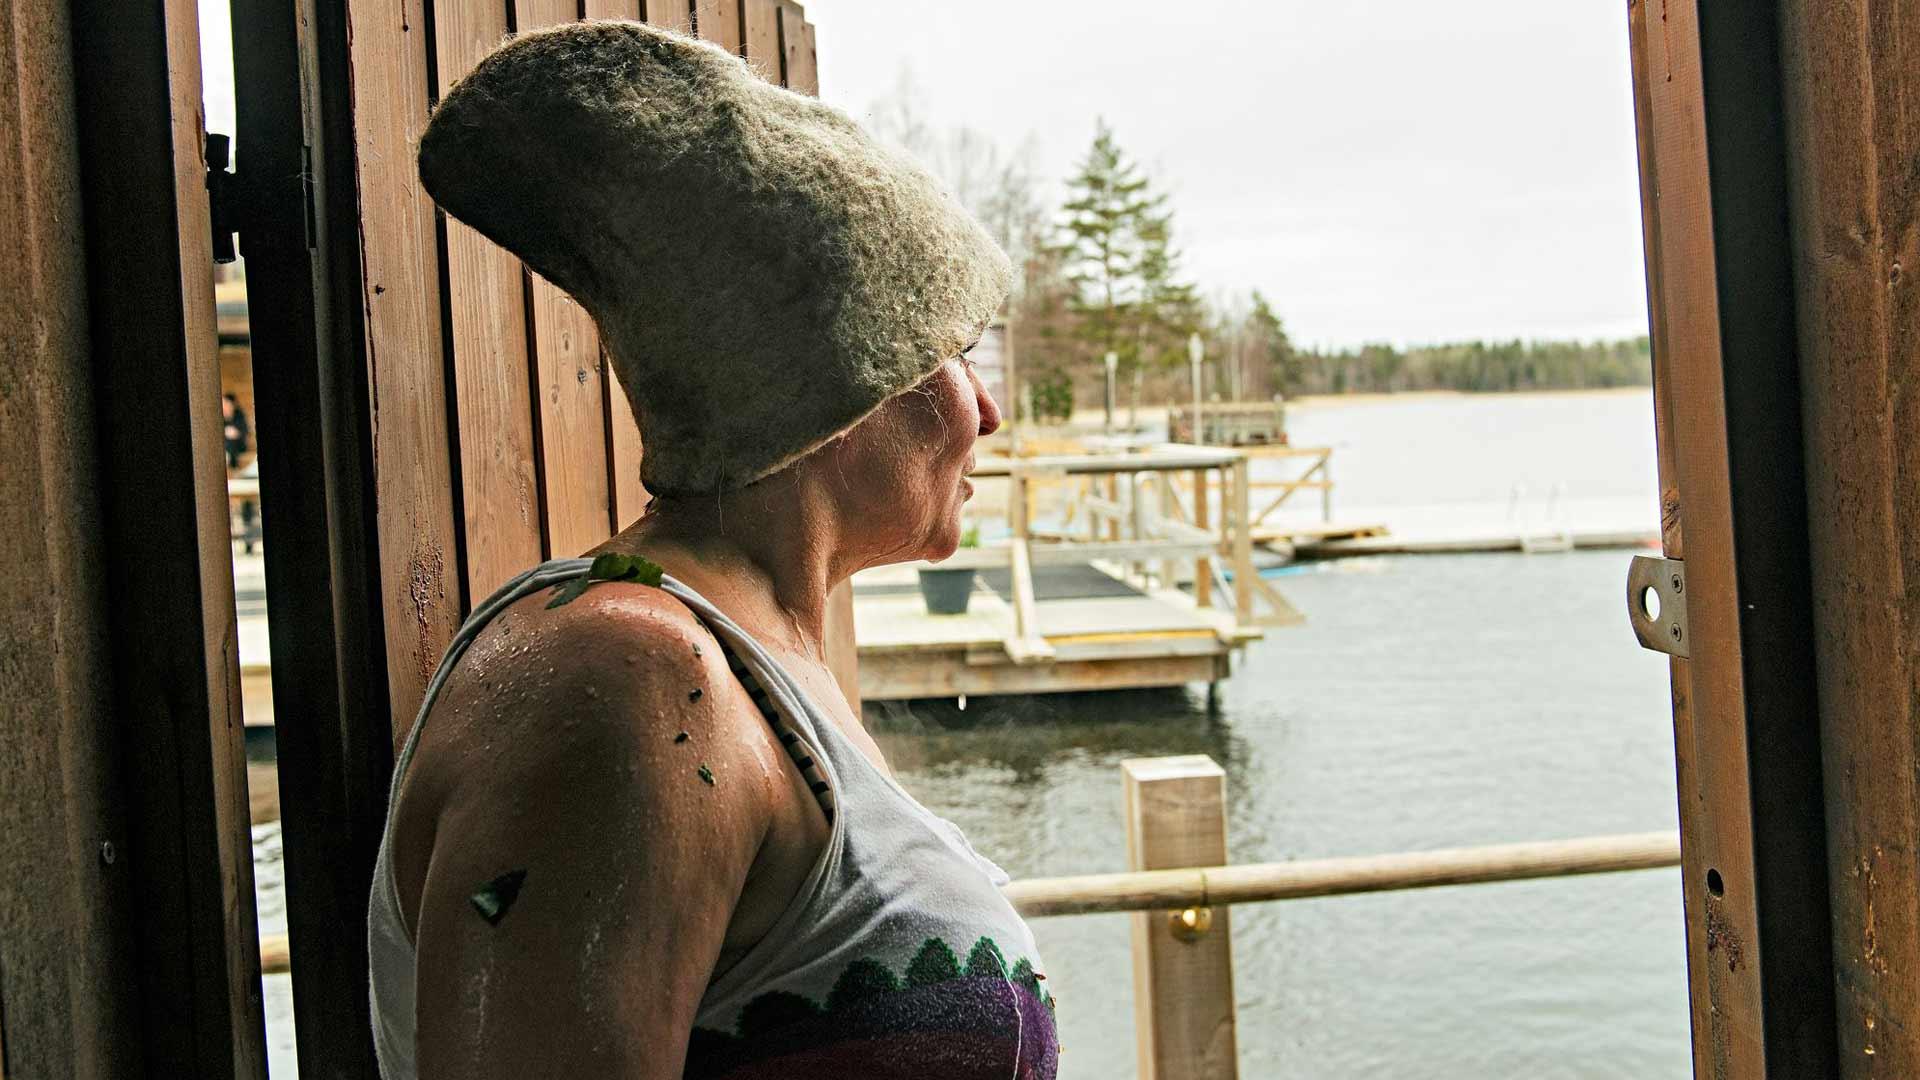 Saunottaminen on raskasta puuhaa. Mari Lusenius vilvoittelee löylyjen välillä raittiissa ulkoilmassa.